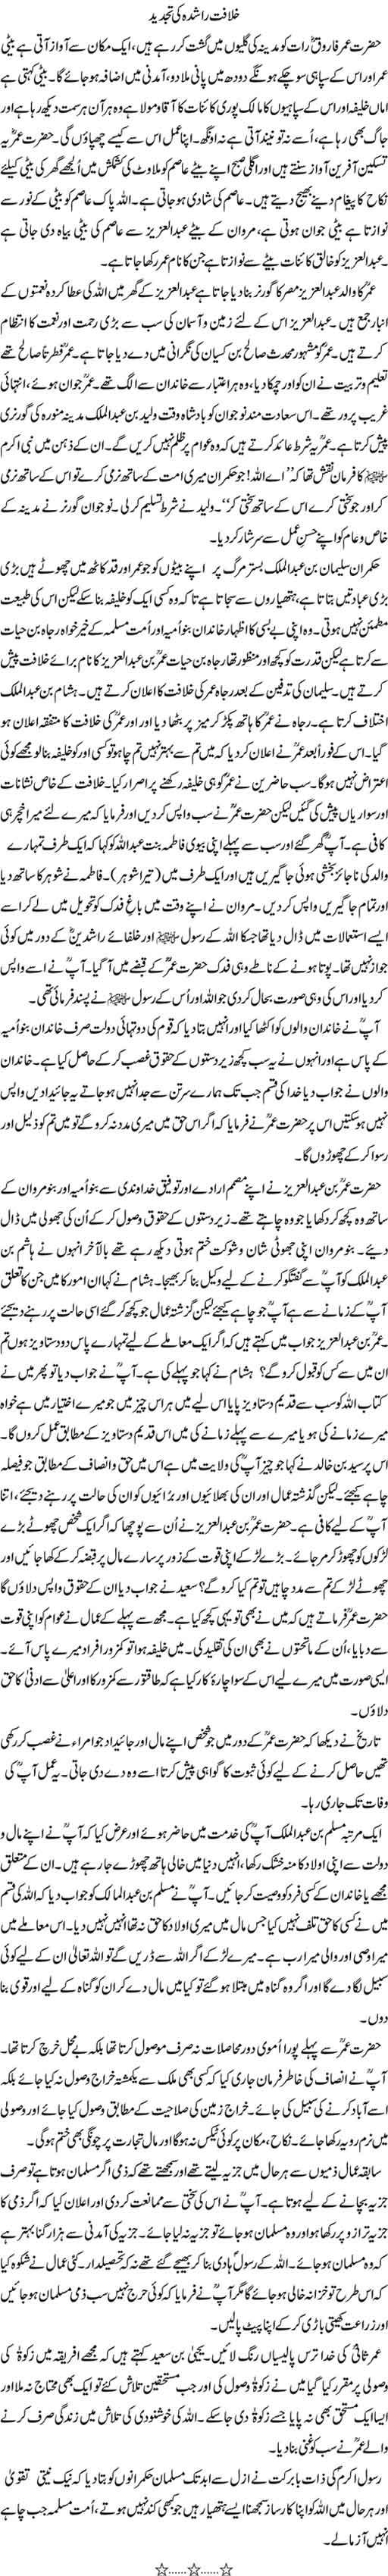 Khilafat-e-Rashda